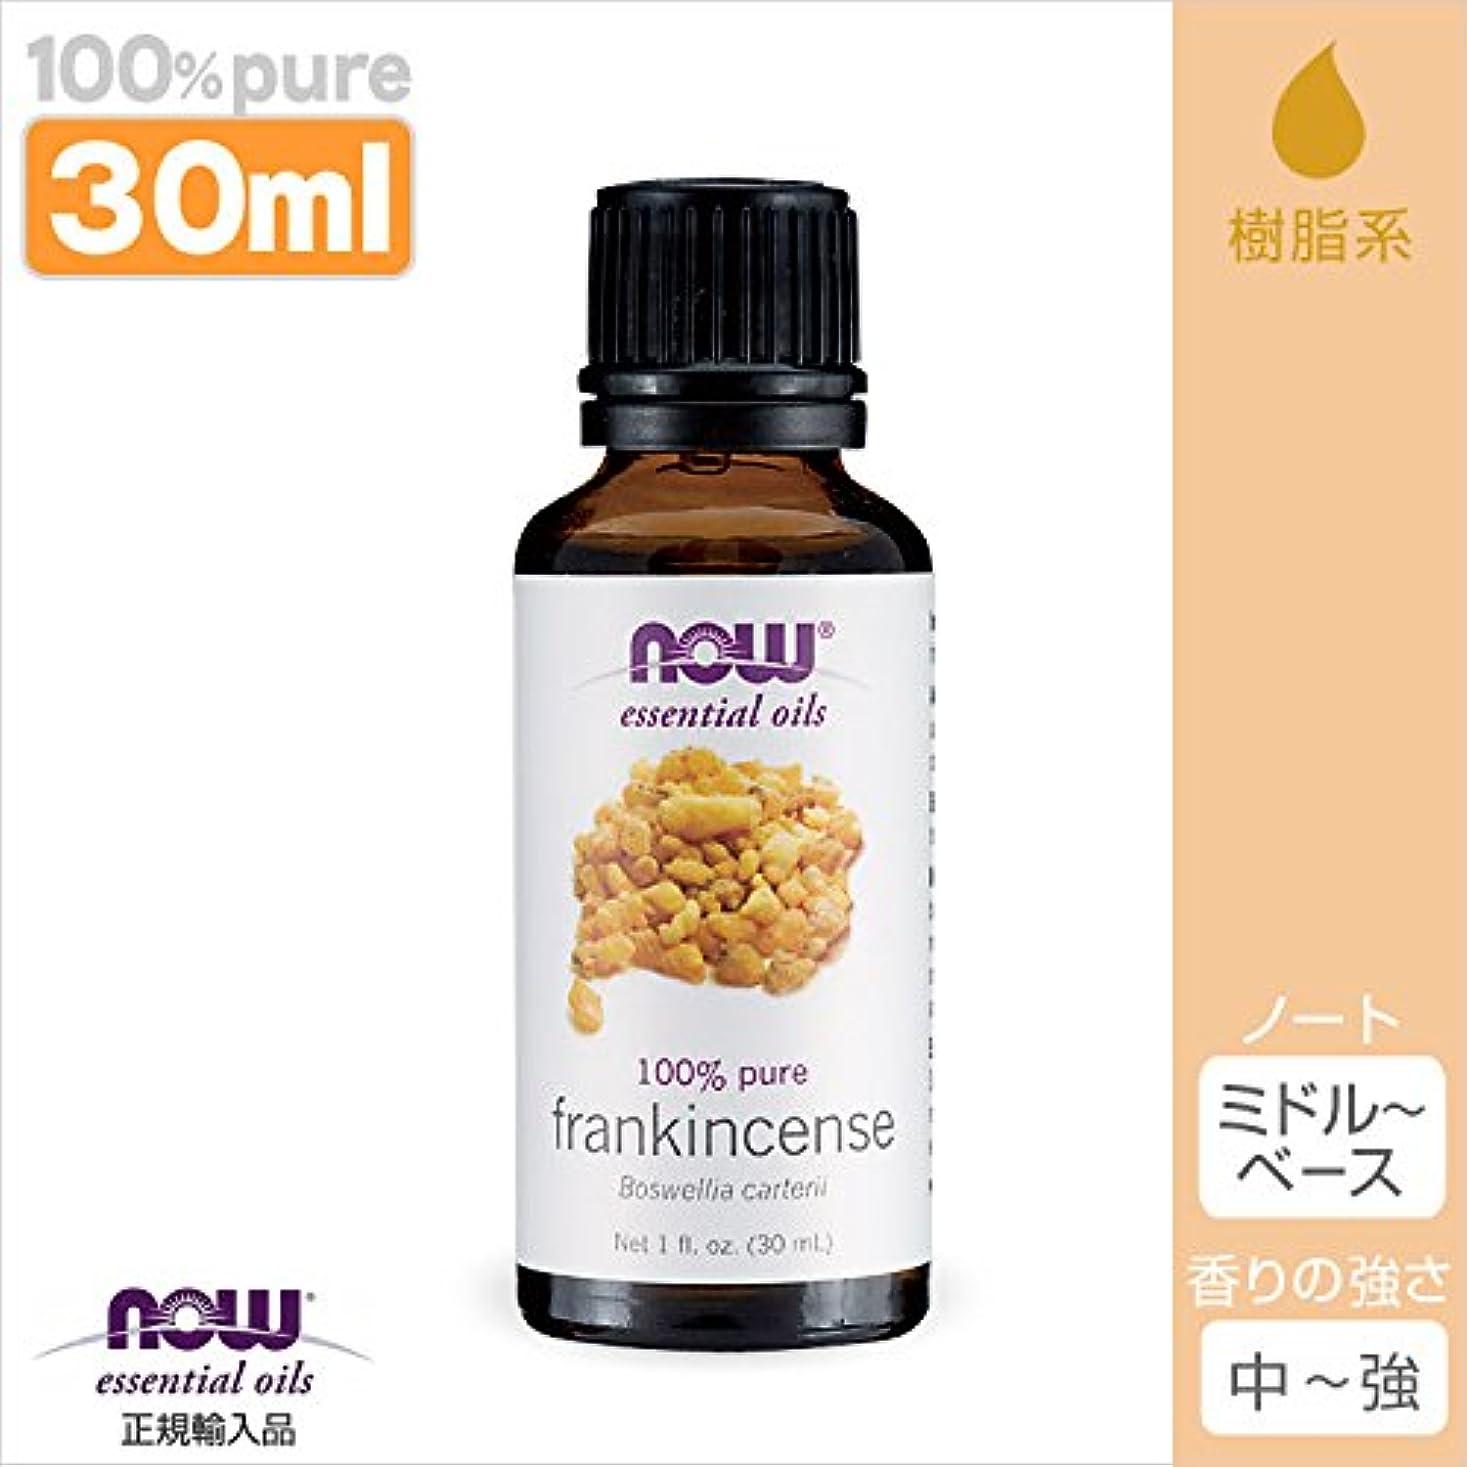 排他的きしむチップフランキンセンス 精油[30ml]  【正規輸入品】 NOWエッセンシャルオイル(アロマオイル)